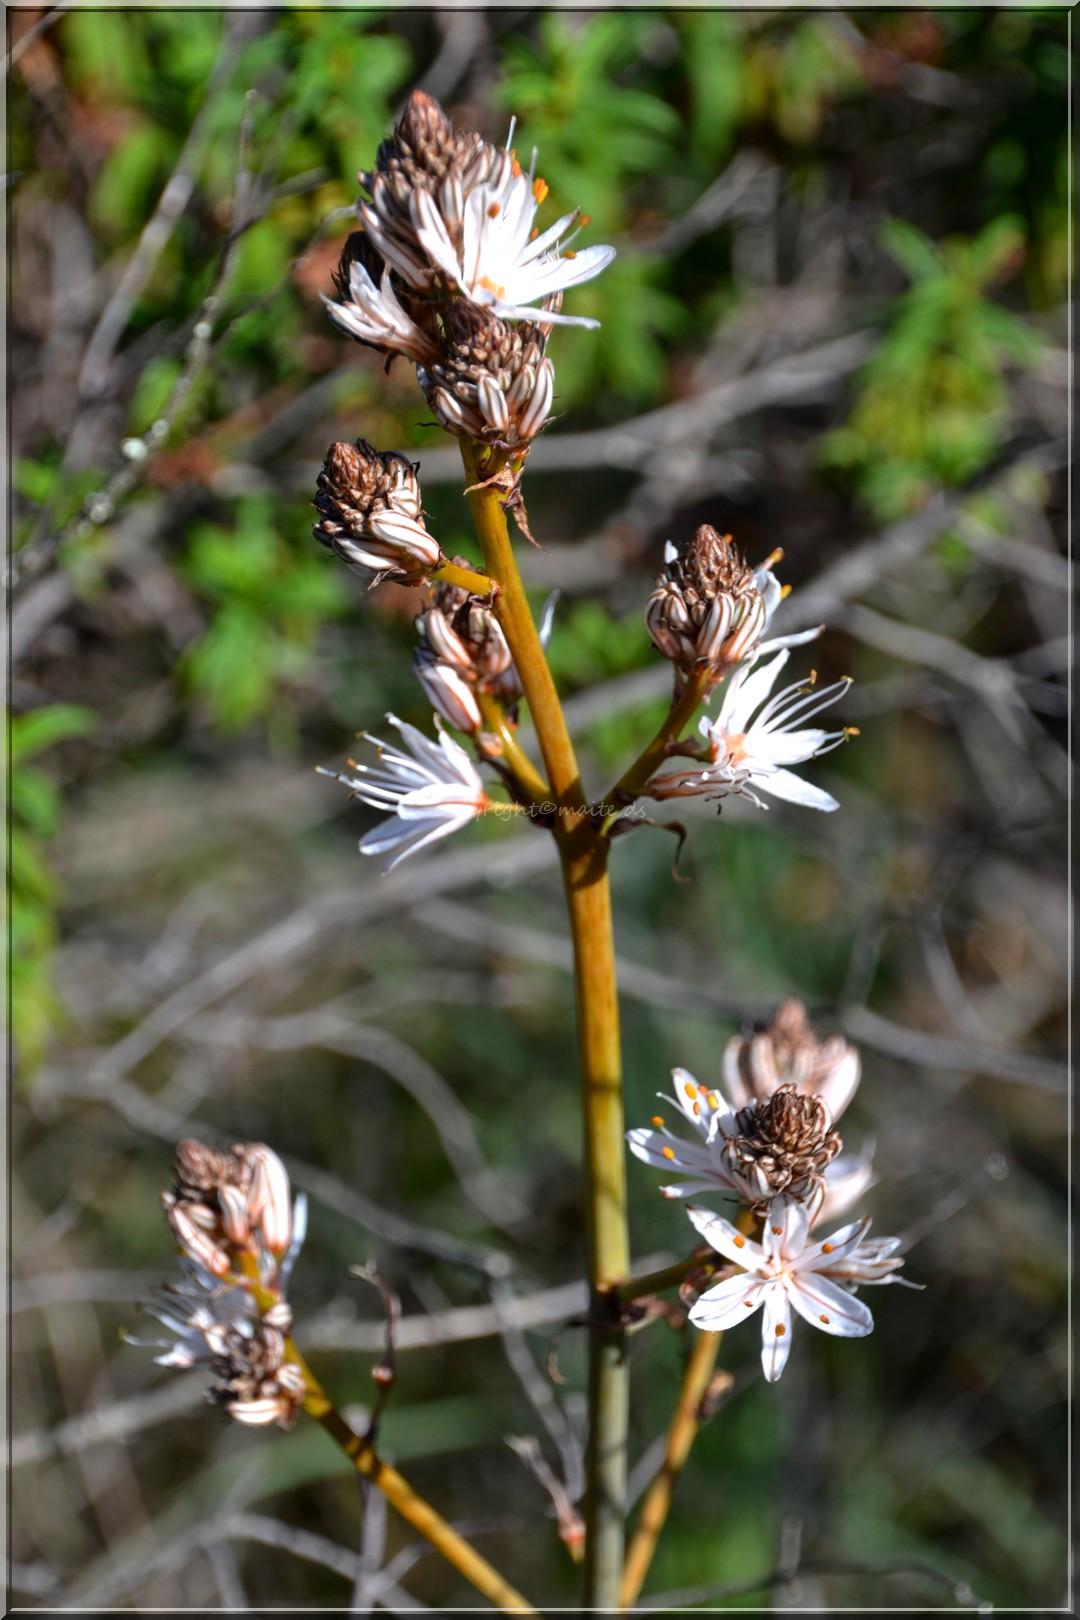 Les premières asphodèles en fleurs 23-02-2014